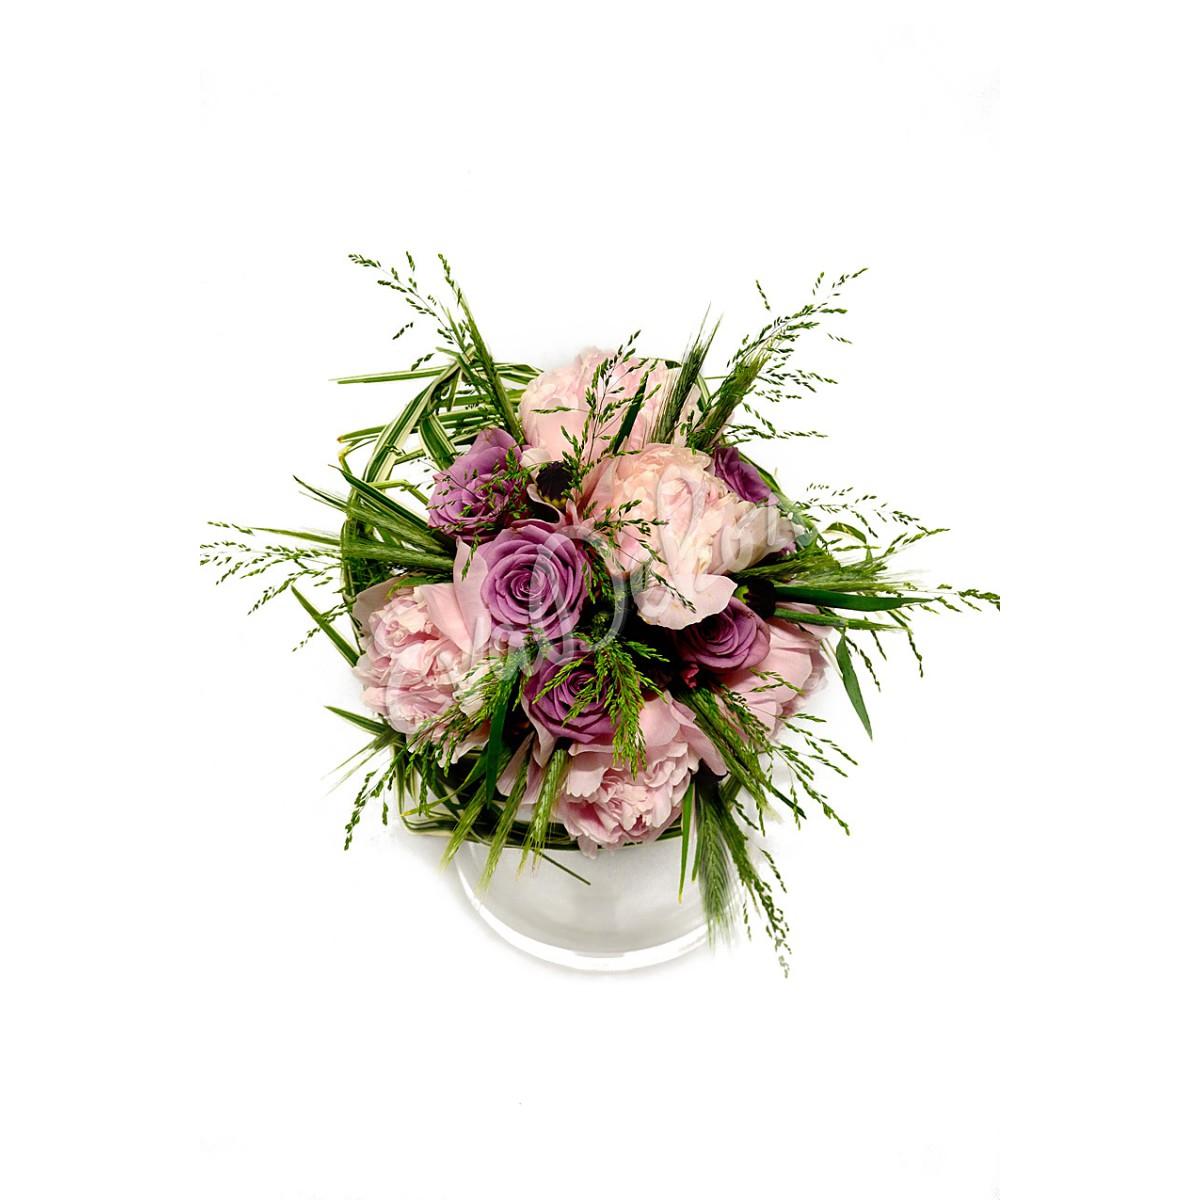 Svatební kytice Pivoňková fontána - EvaDekor rovoz květin po Praze